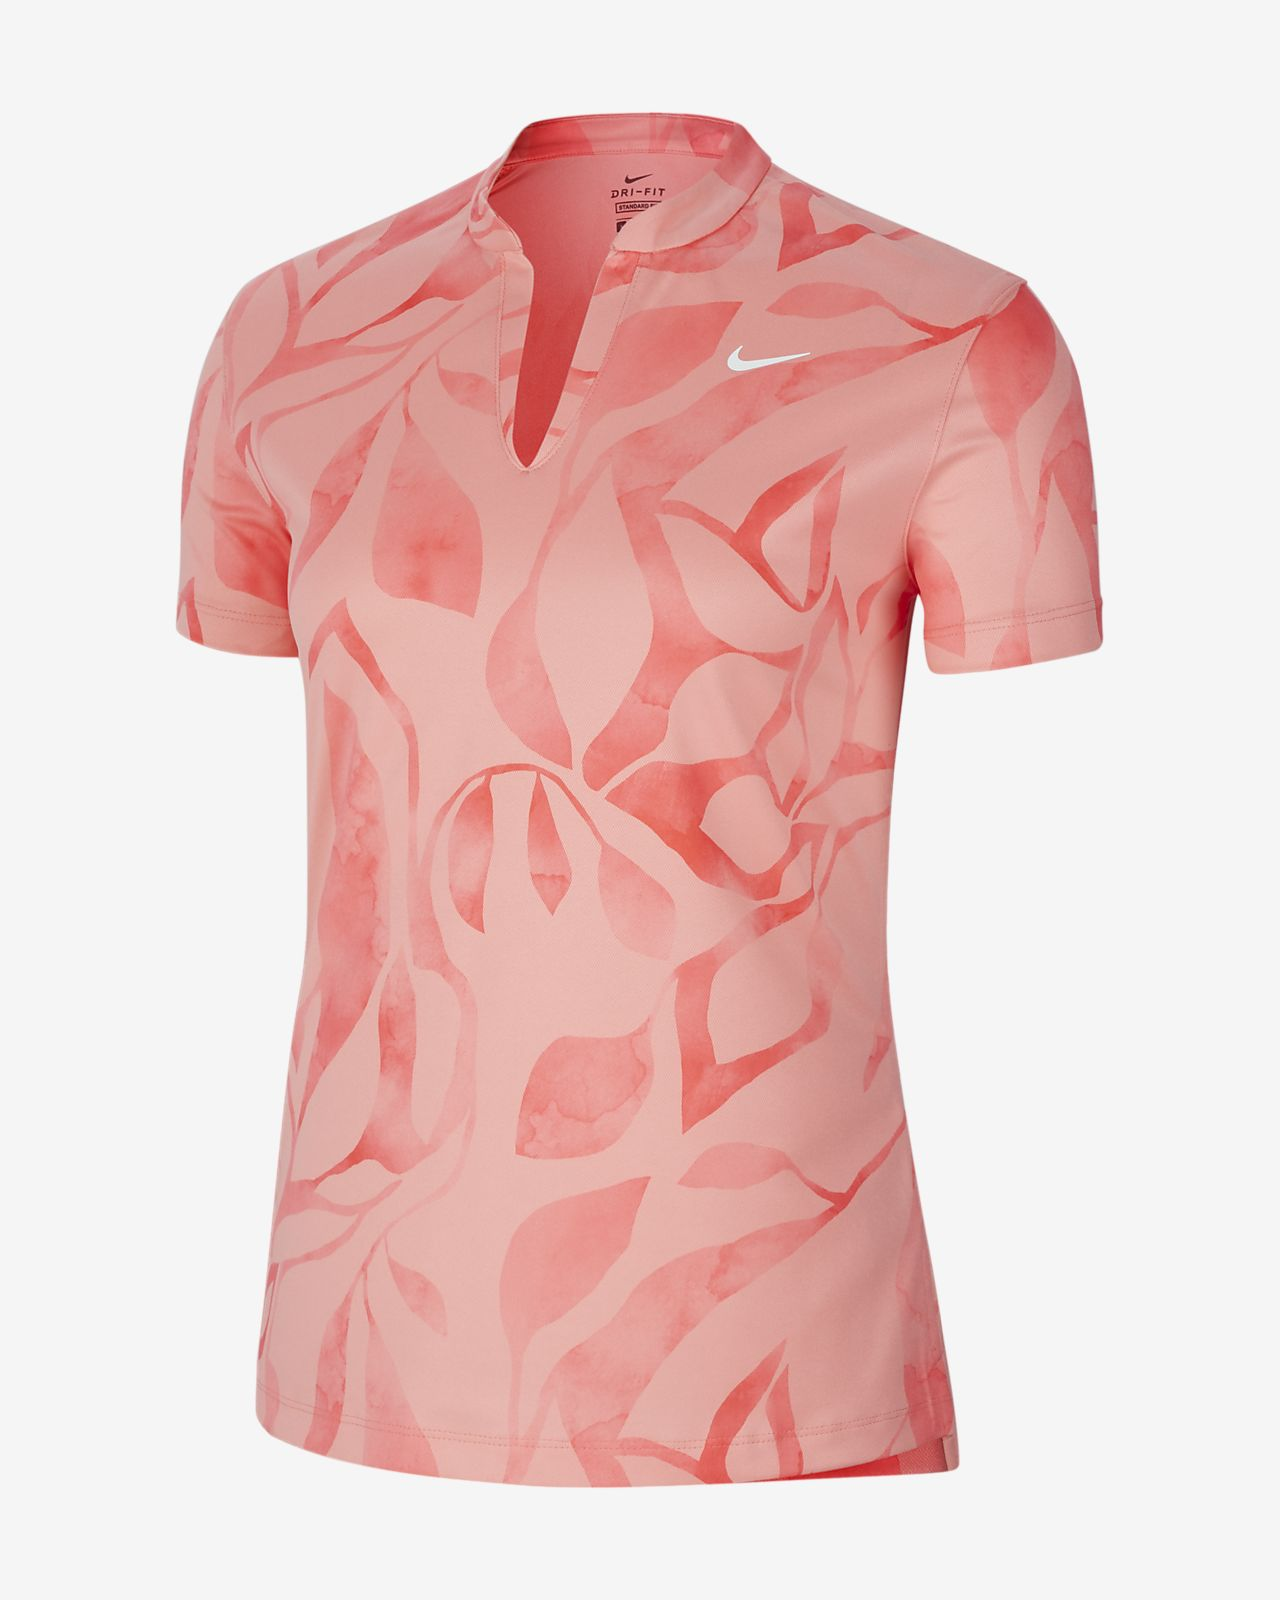 Женская рубашка-поло с принтом для гольфа Nike Dri-FIT Victory